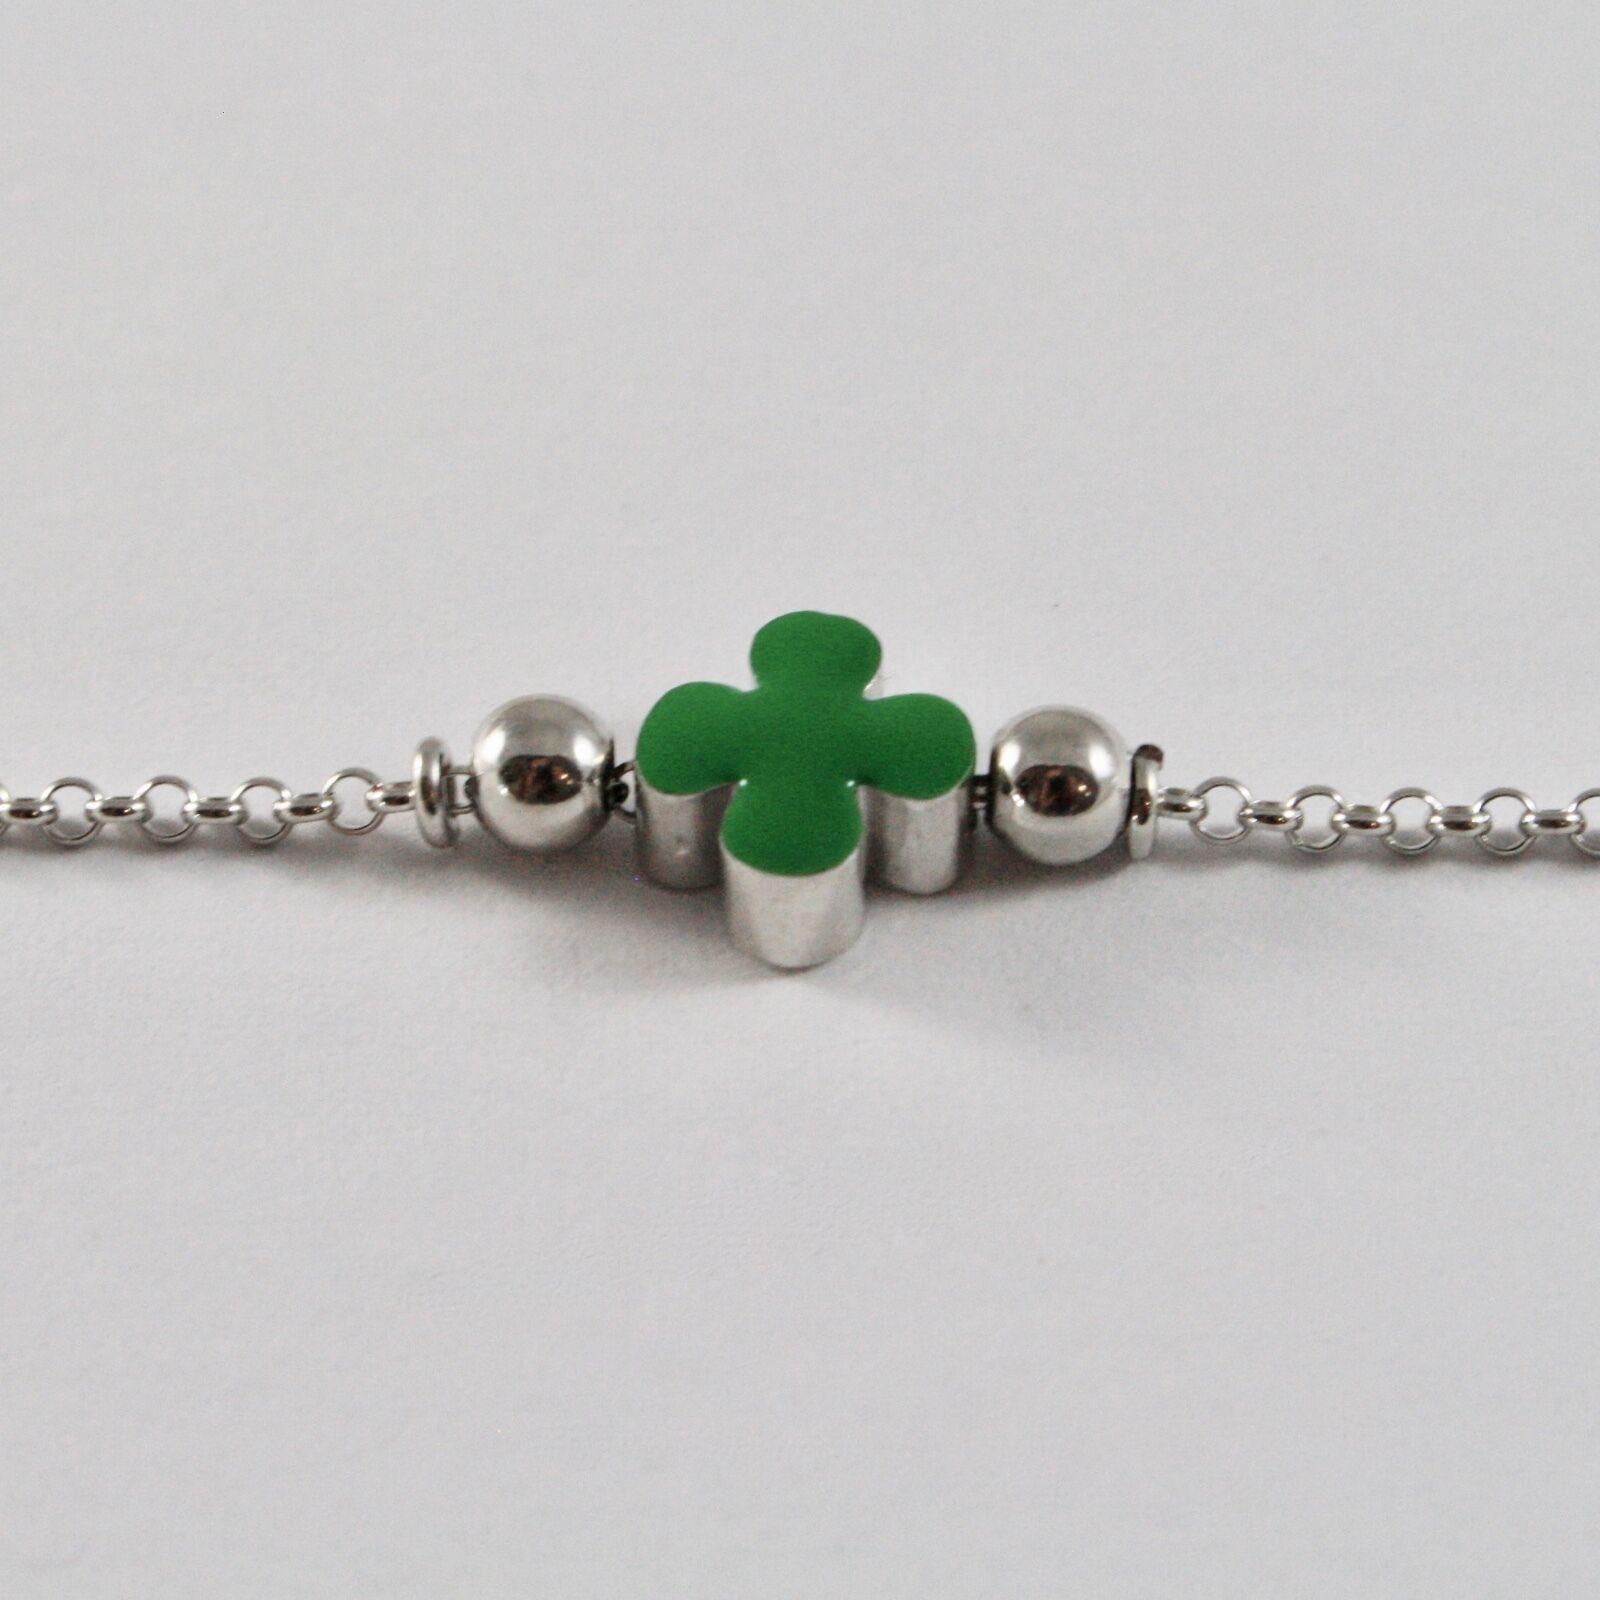 Bracelet en Argent 925 Jack&co Trèfle Porte- Fortuna Émaillé JCB0904 image 3